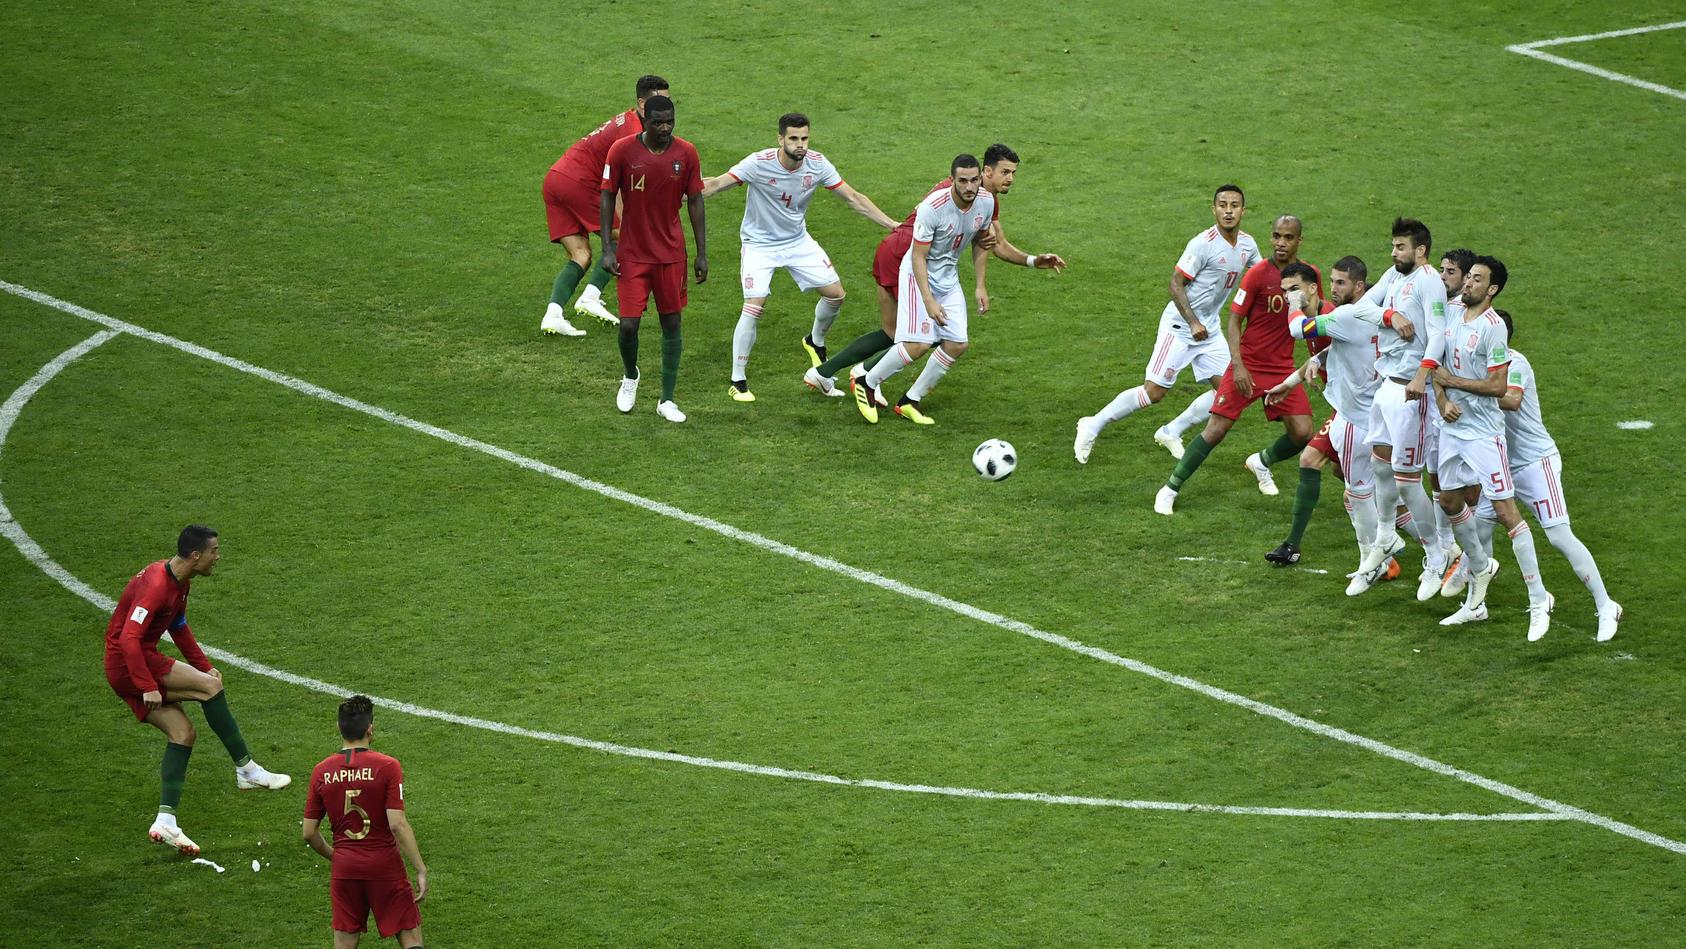 Cristiano Ronaldo trifft im ersten Vorrundenspiel der Portugiesen gegen Spanien per Freistoß